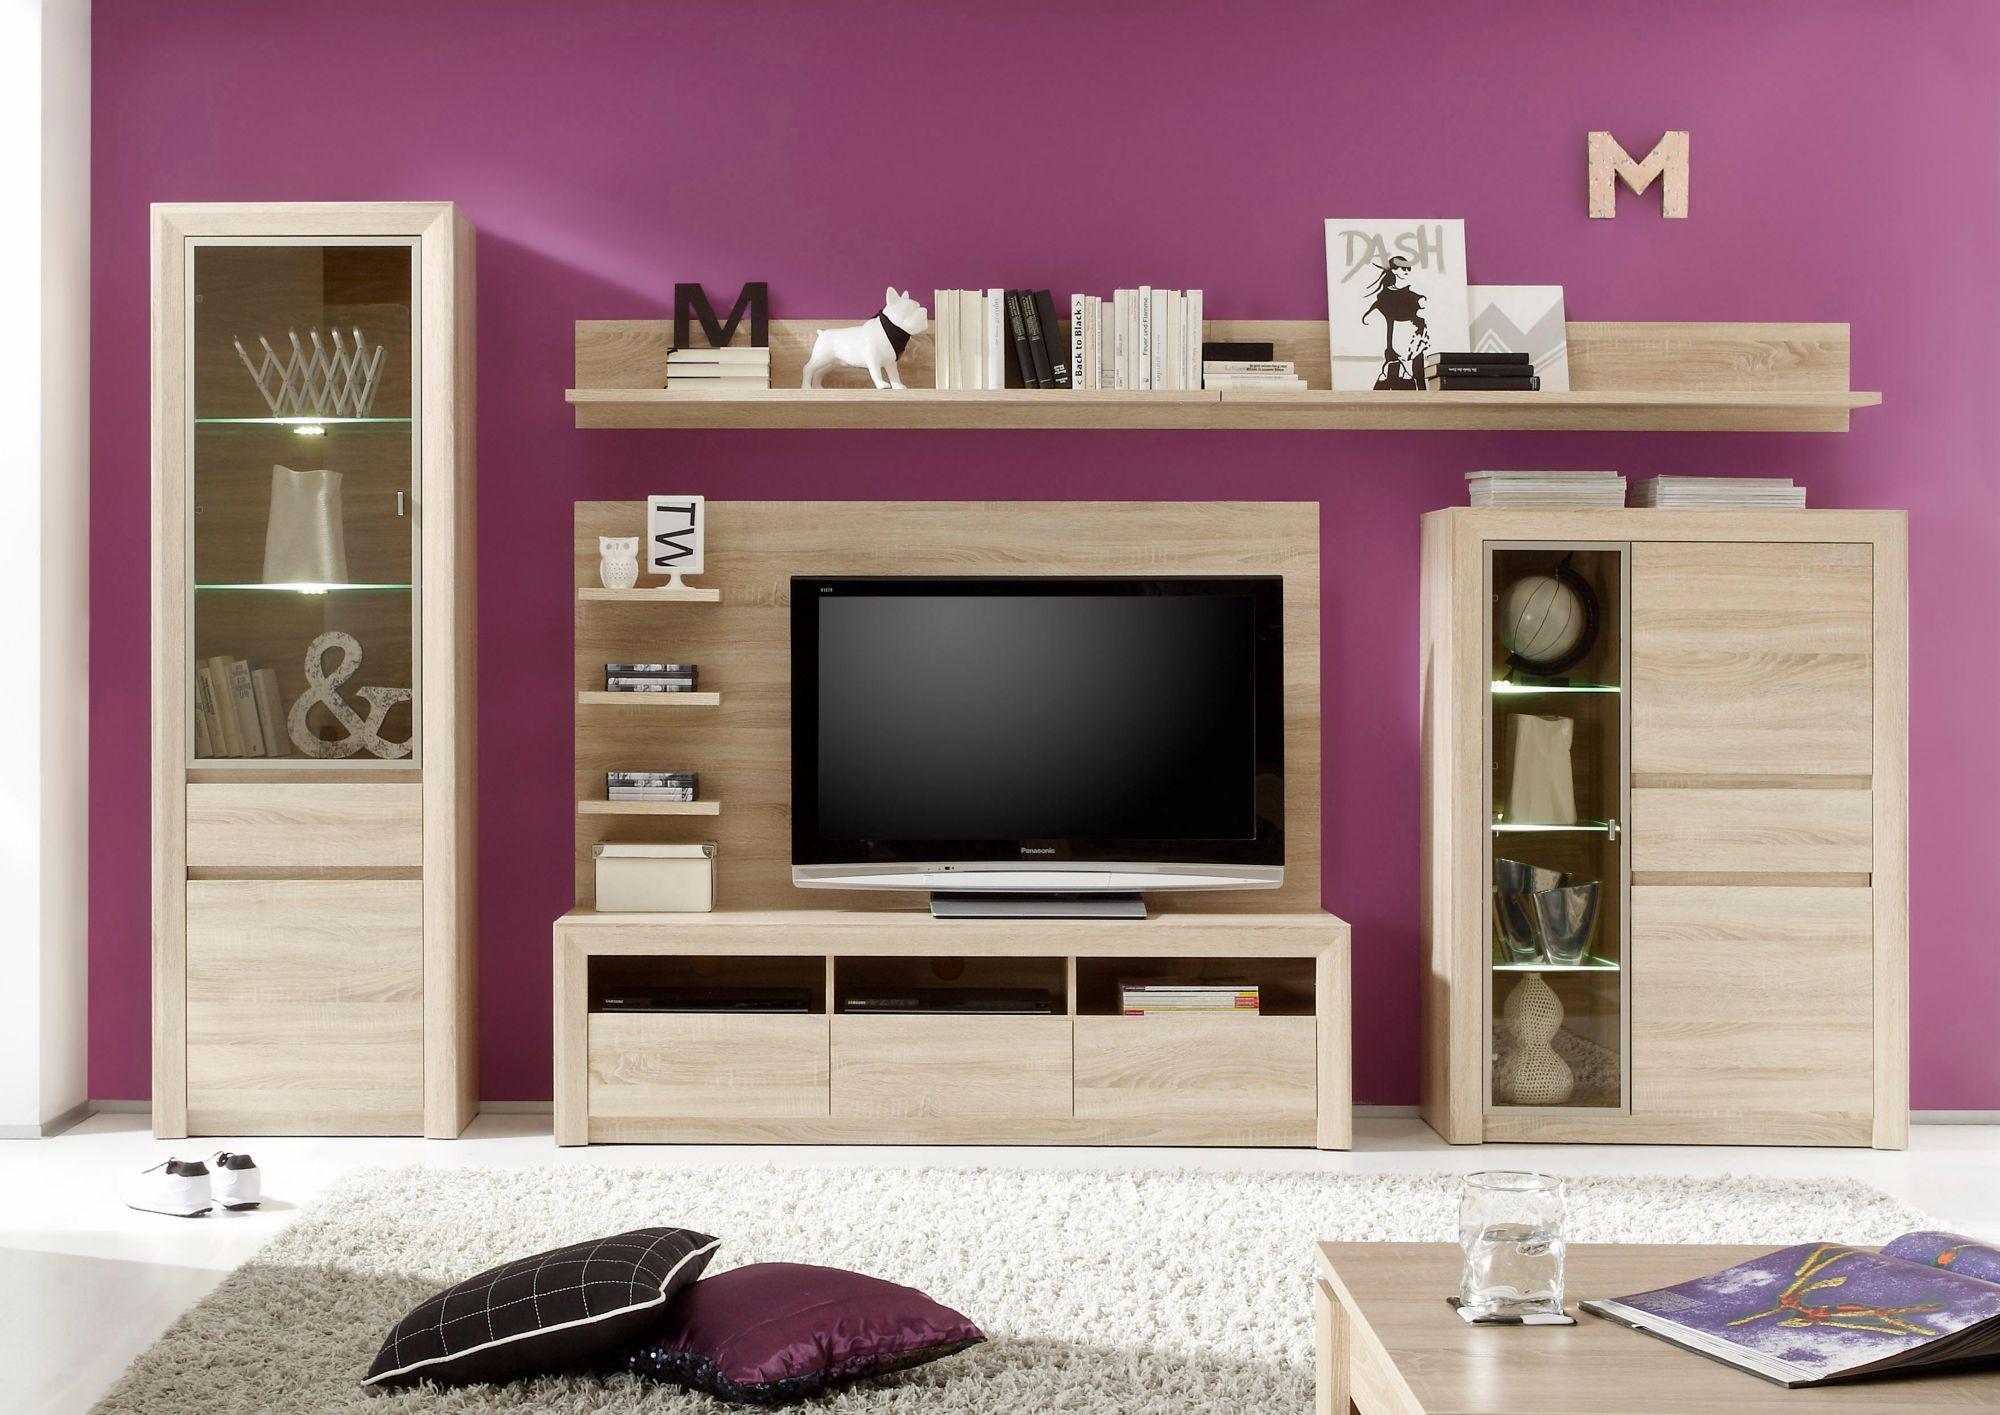 wohnwand g nstig online kaufen beim schwab versand. Black Bedroom Furniture Sets. Home Design Ideas